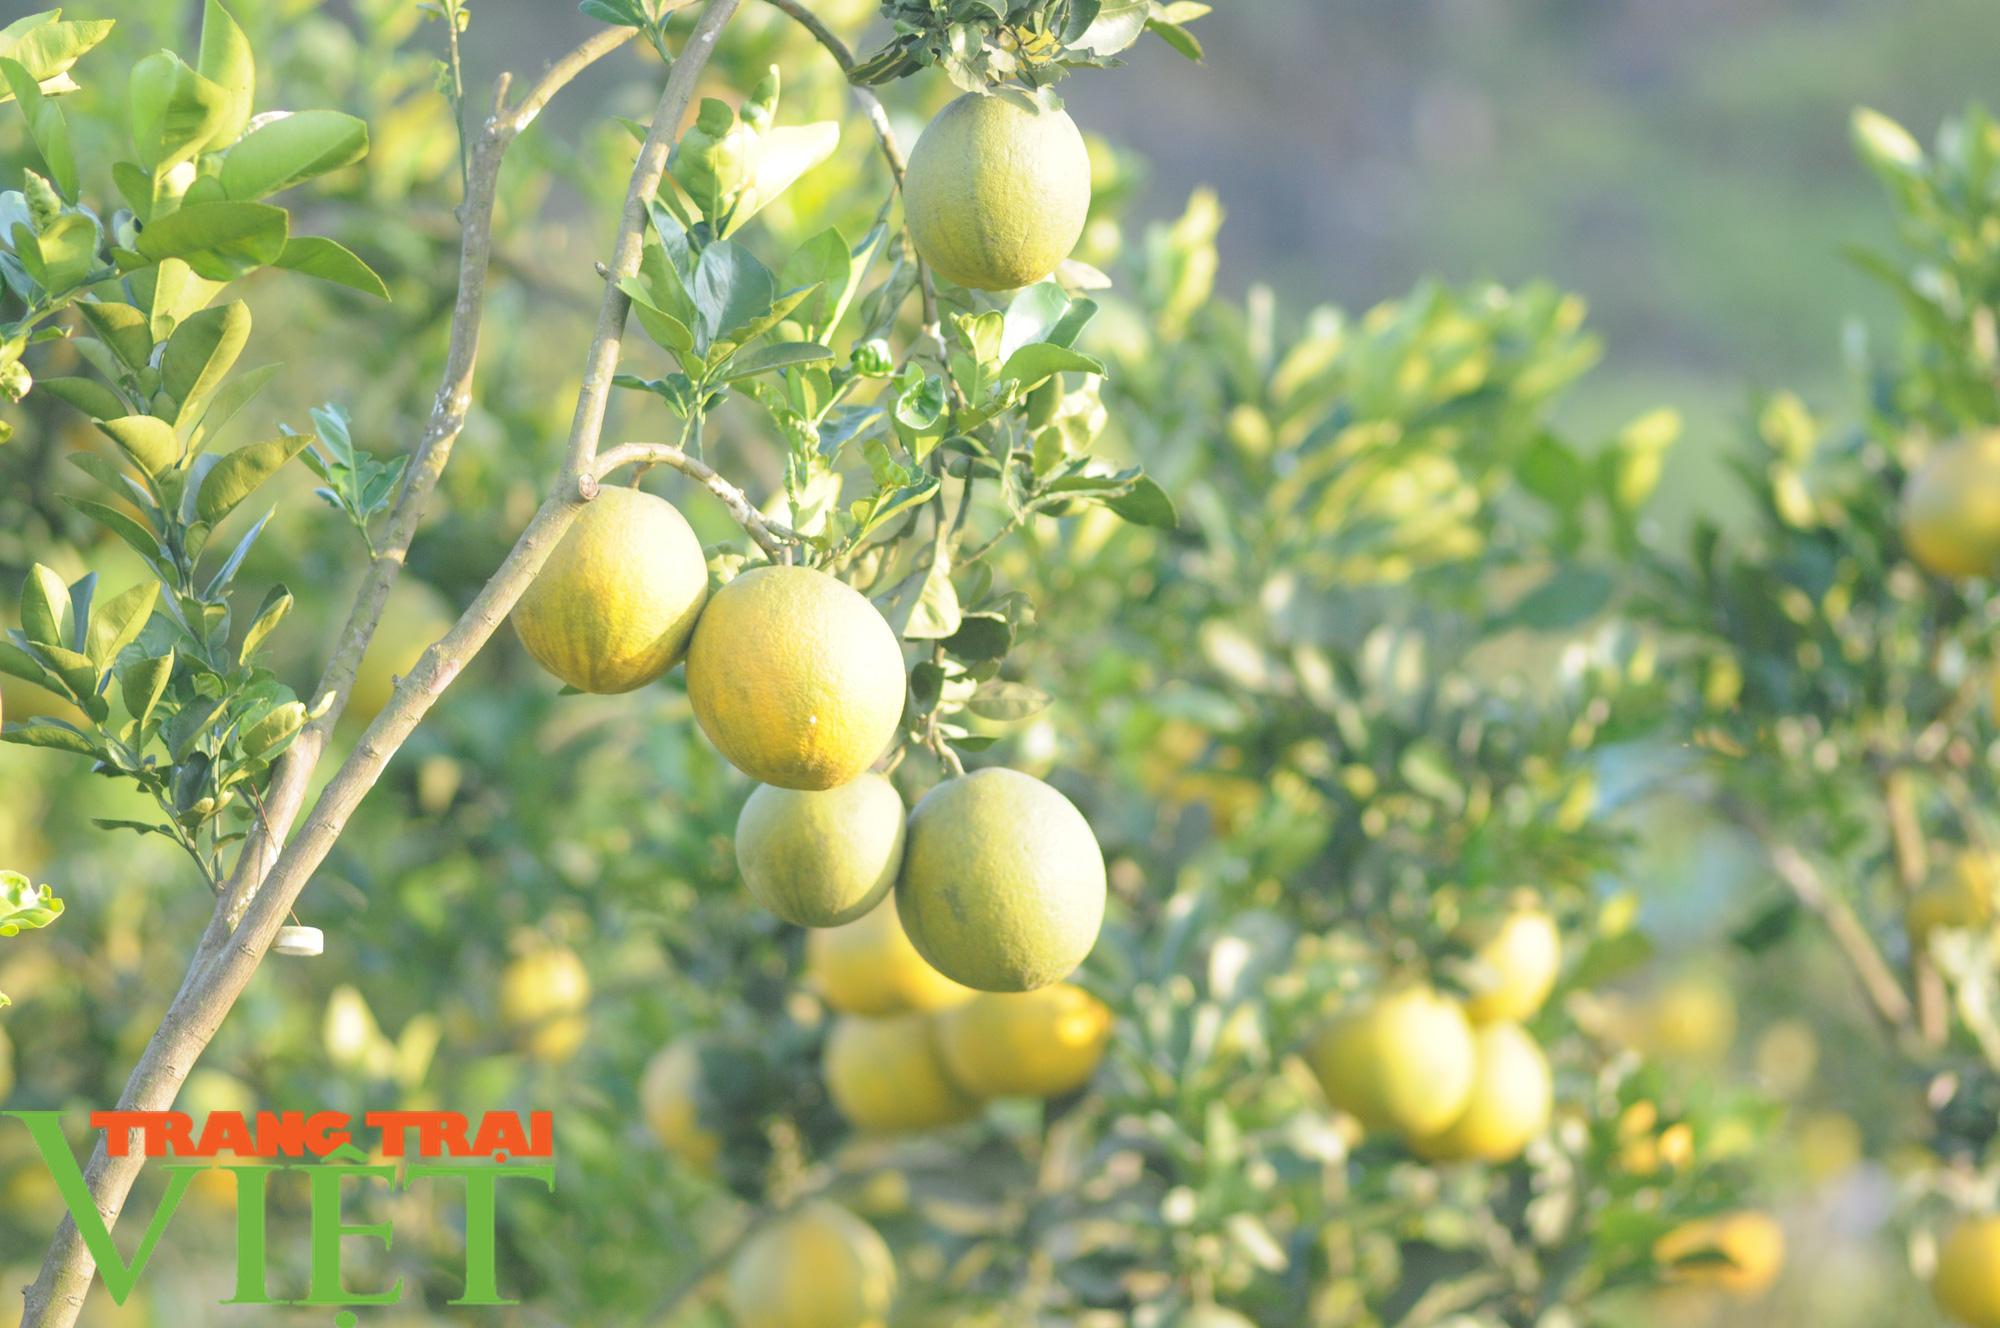 Chỉ trồng cây ăn quả, cựu binh thu nửa tỷ mỗi năm - Ảnh 3.